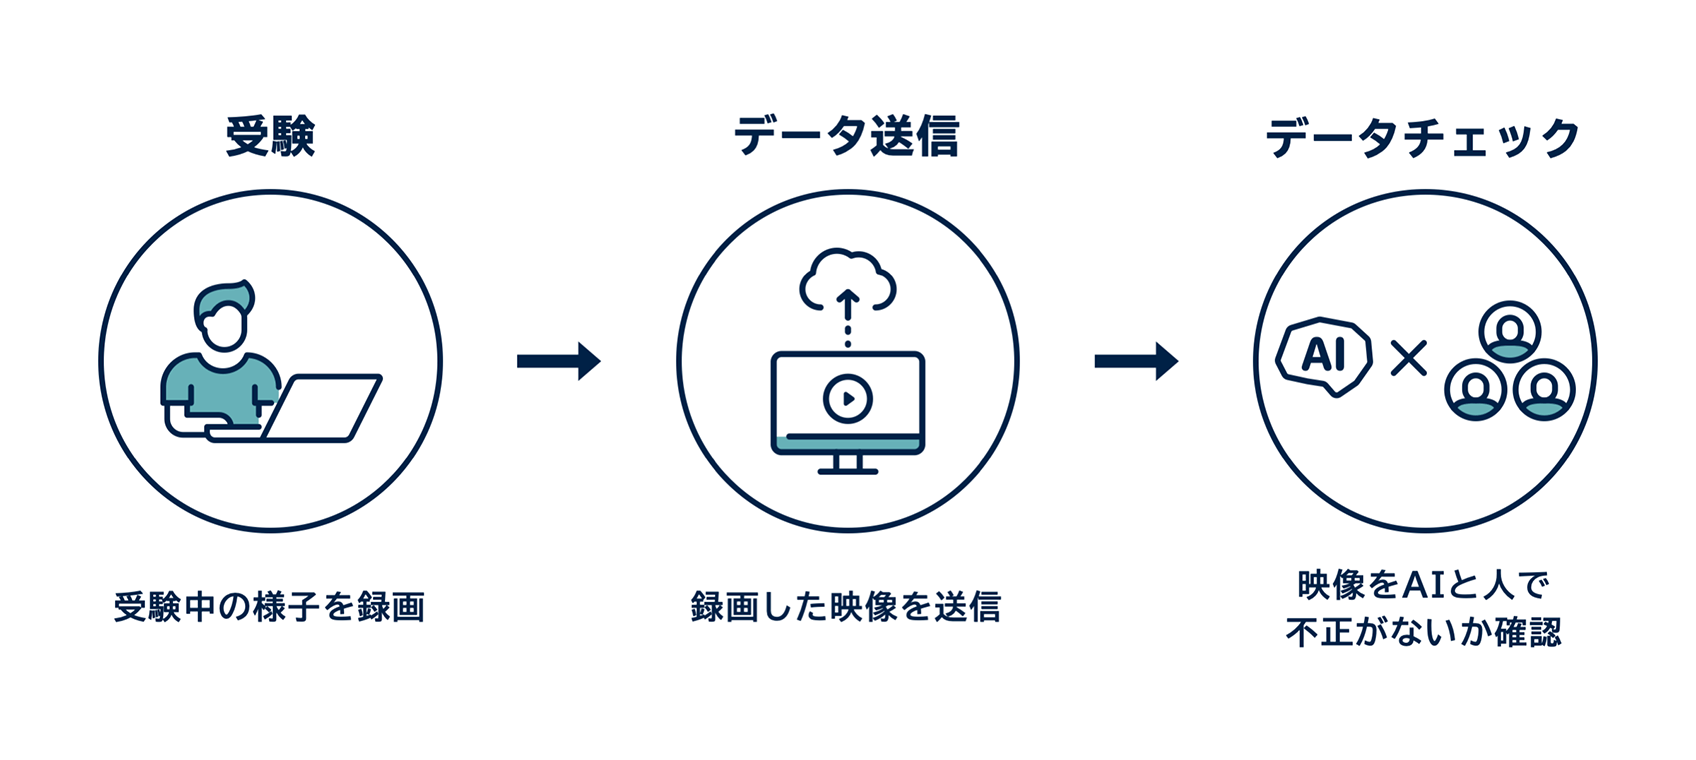 ■AIの活用によって時間とコストの削減も可能に 人工知能を搭載した製品・サービスの比較一覧・導入活用事例・資料請求が無料でできるAIポータルメディア